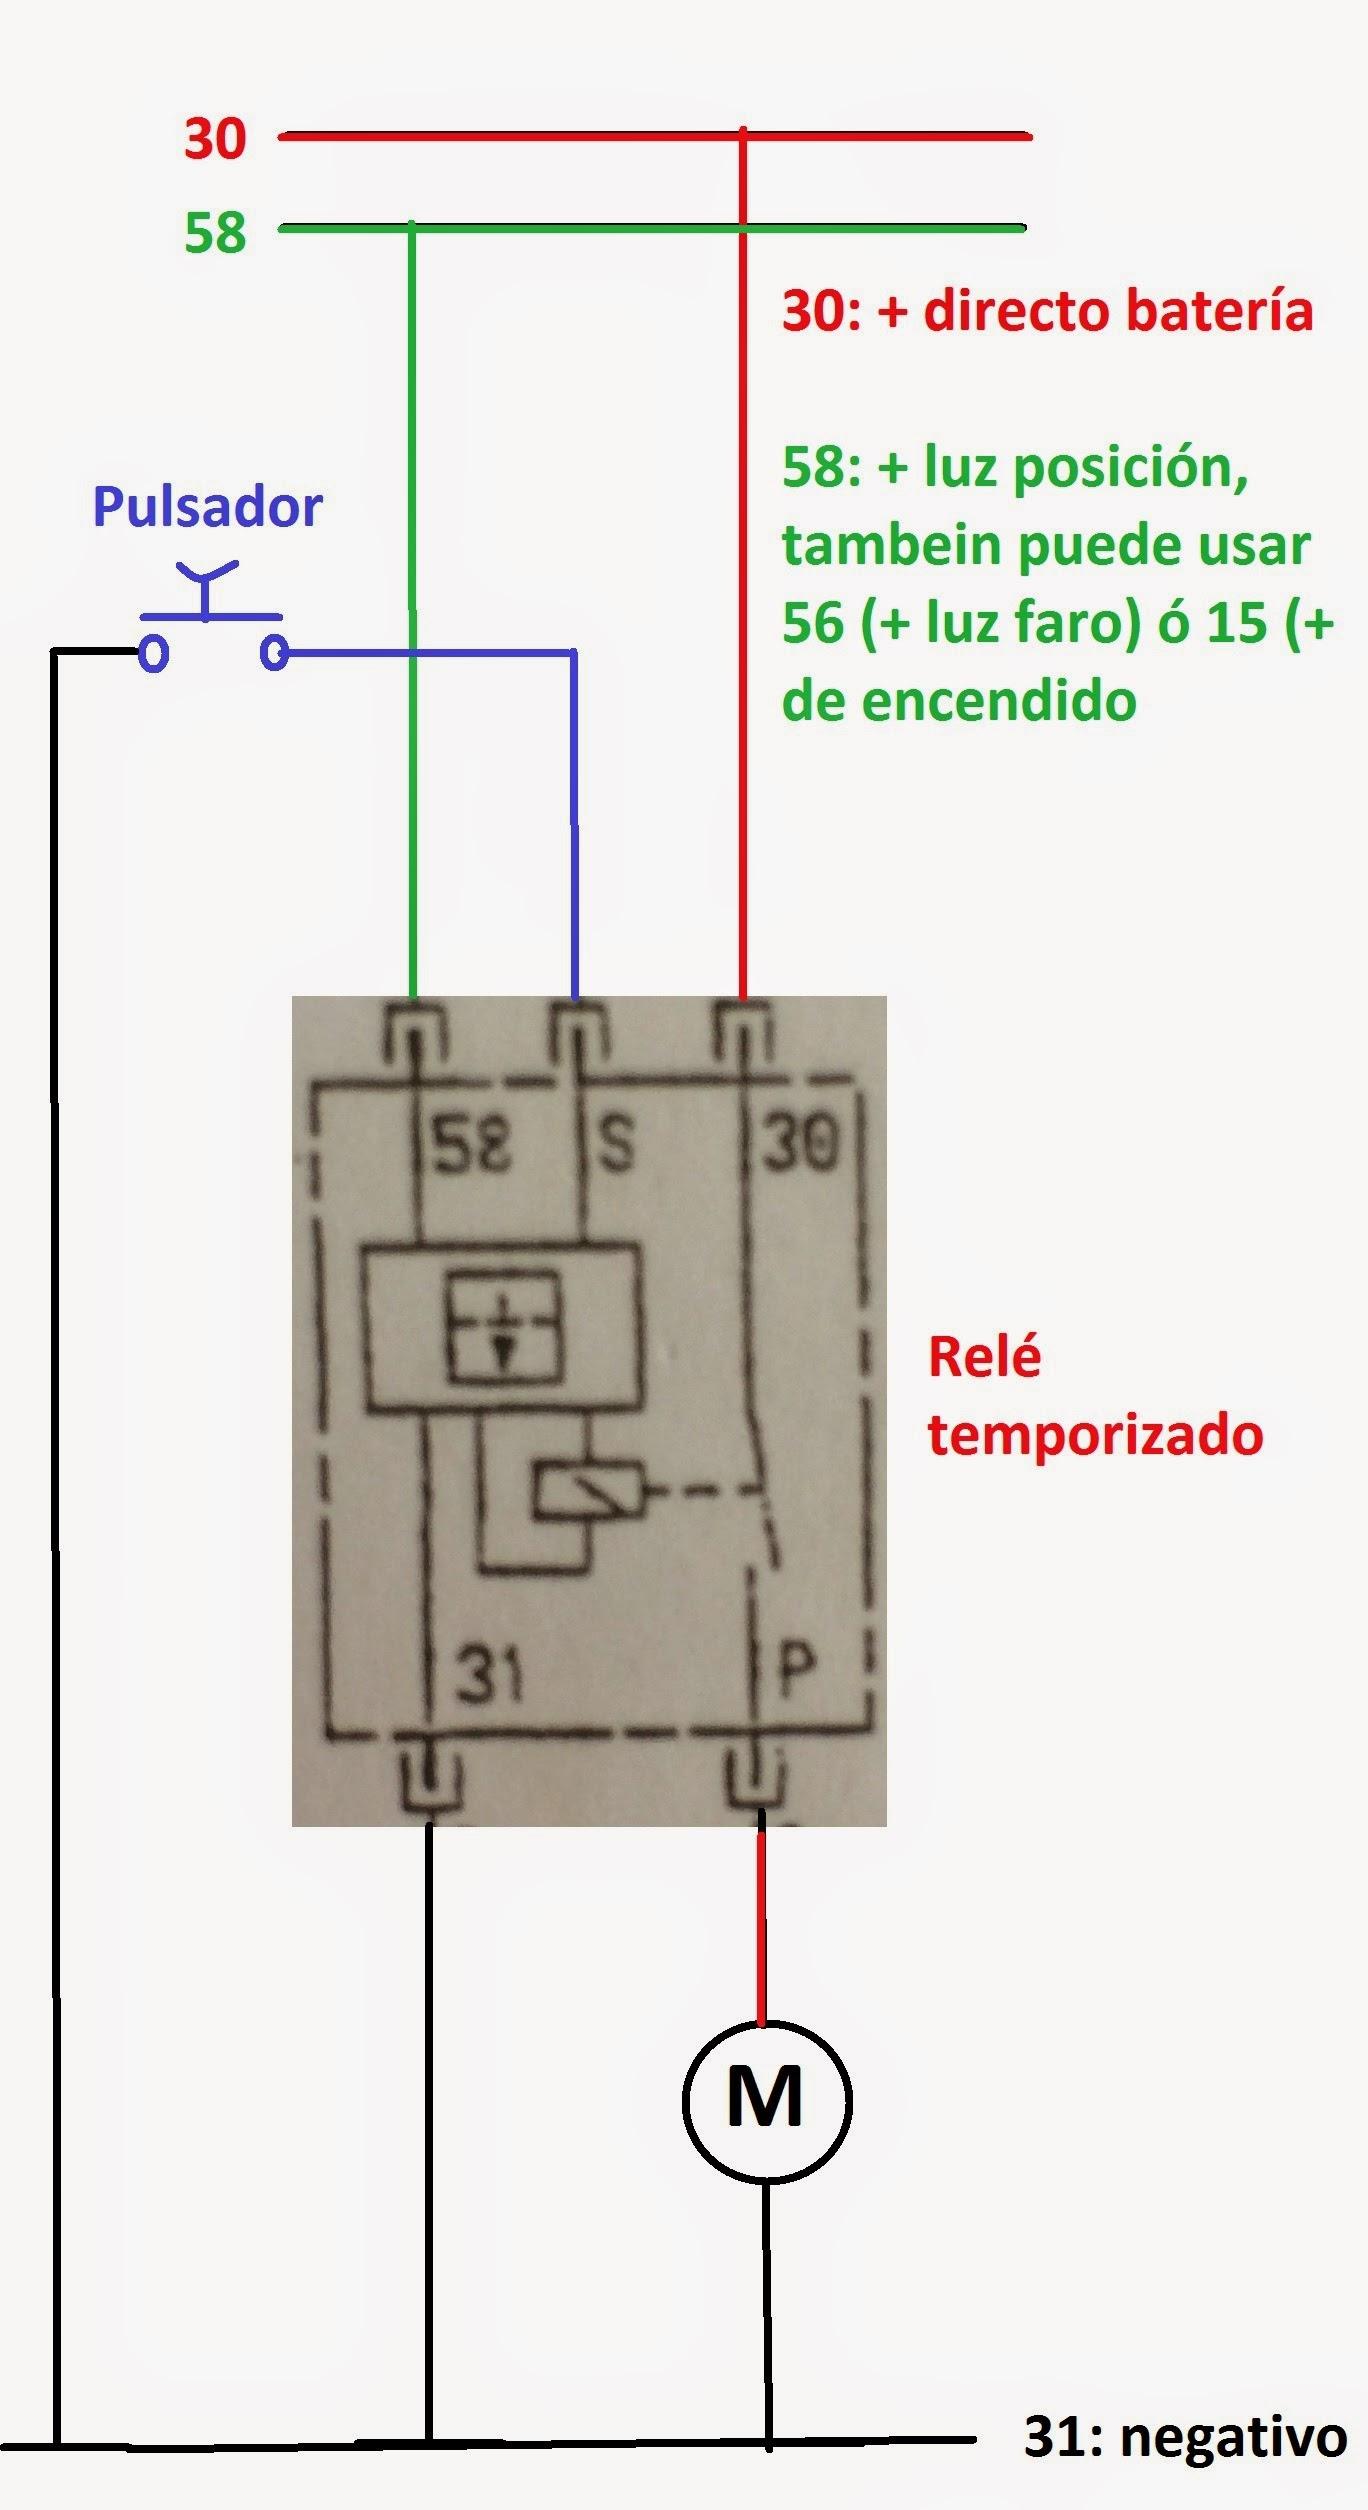 Circuito Electrico Basico : Circuito eléctrico del limpiaparabrisas u sistemas eléctricos del